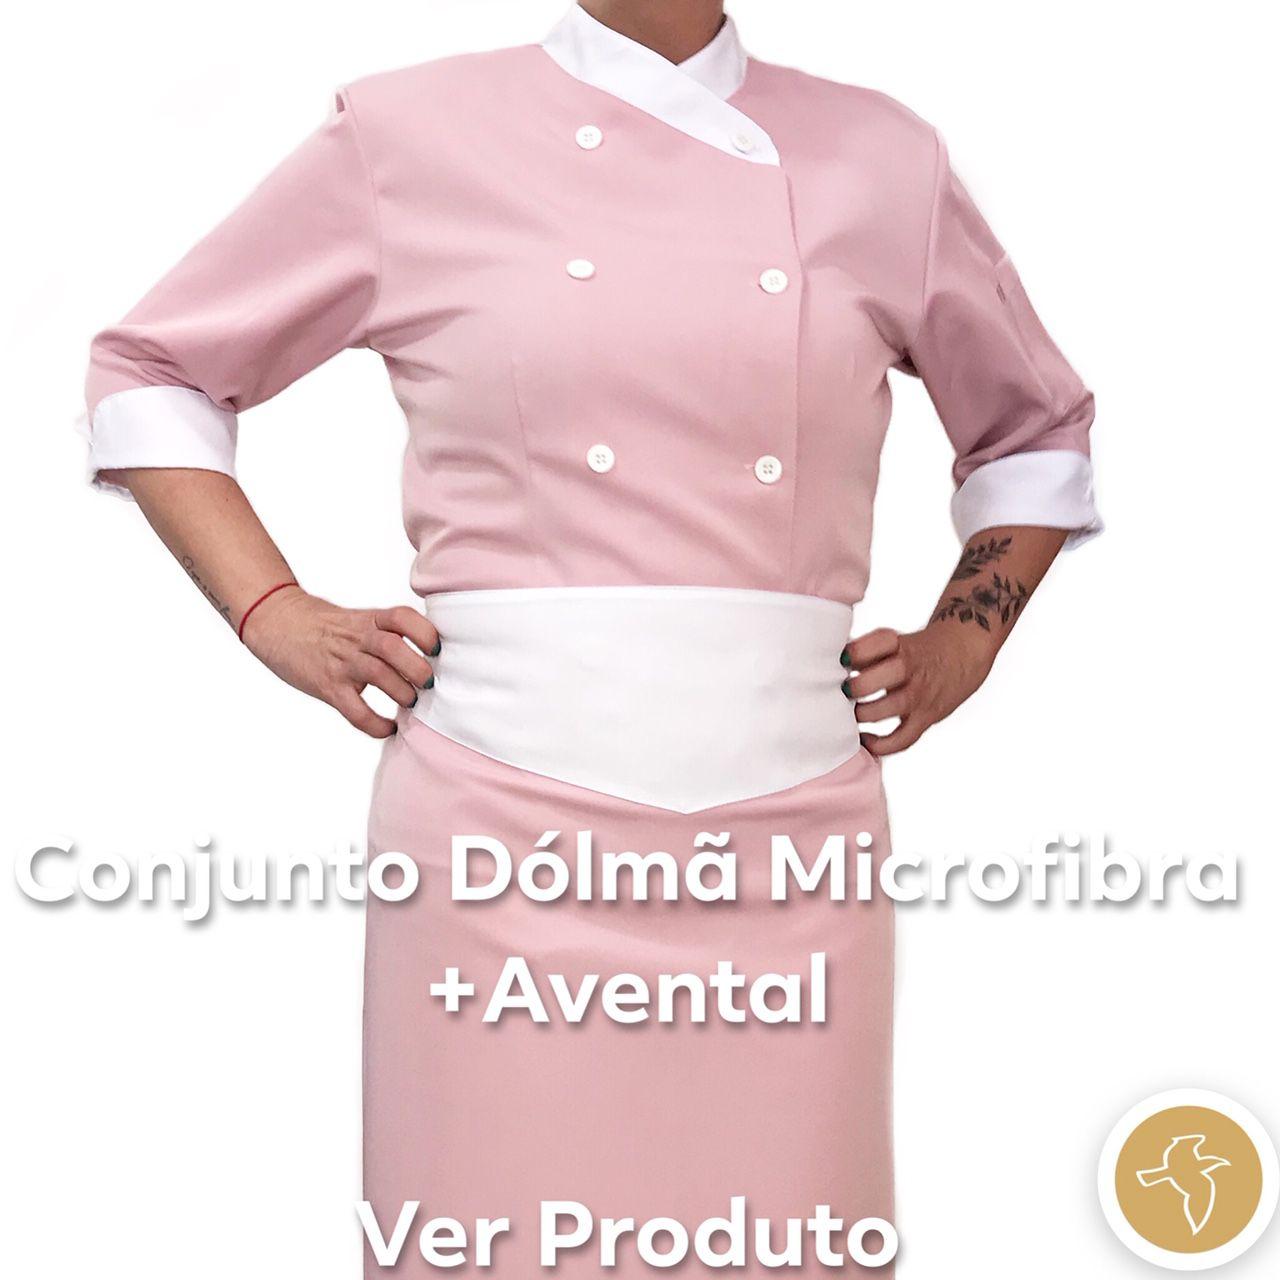 Conjunto  Dólmã Cecilia Feminina Acinturado ROSA ANTIGO 100% Poliéster com Botões BRANCOS detalhe BRANCO  Avental ROSA ANTIGO com detalhe BRANCO